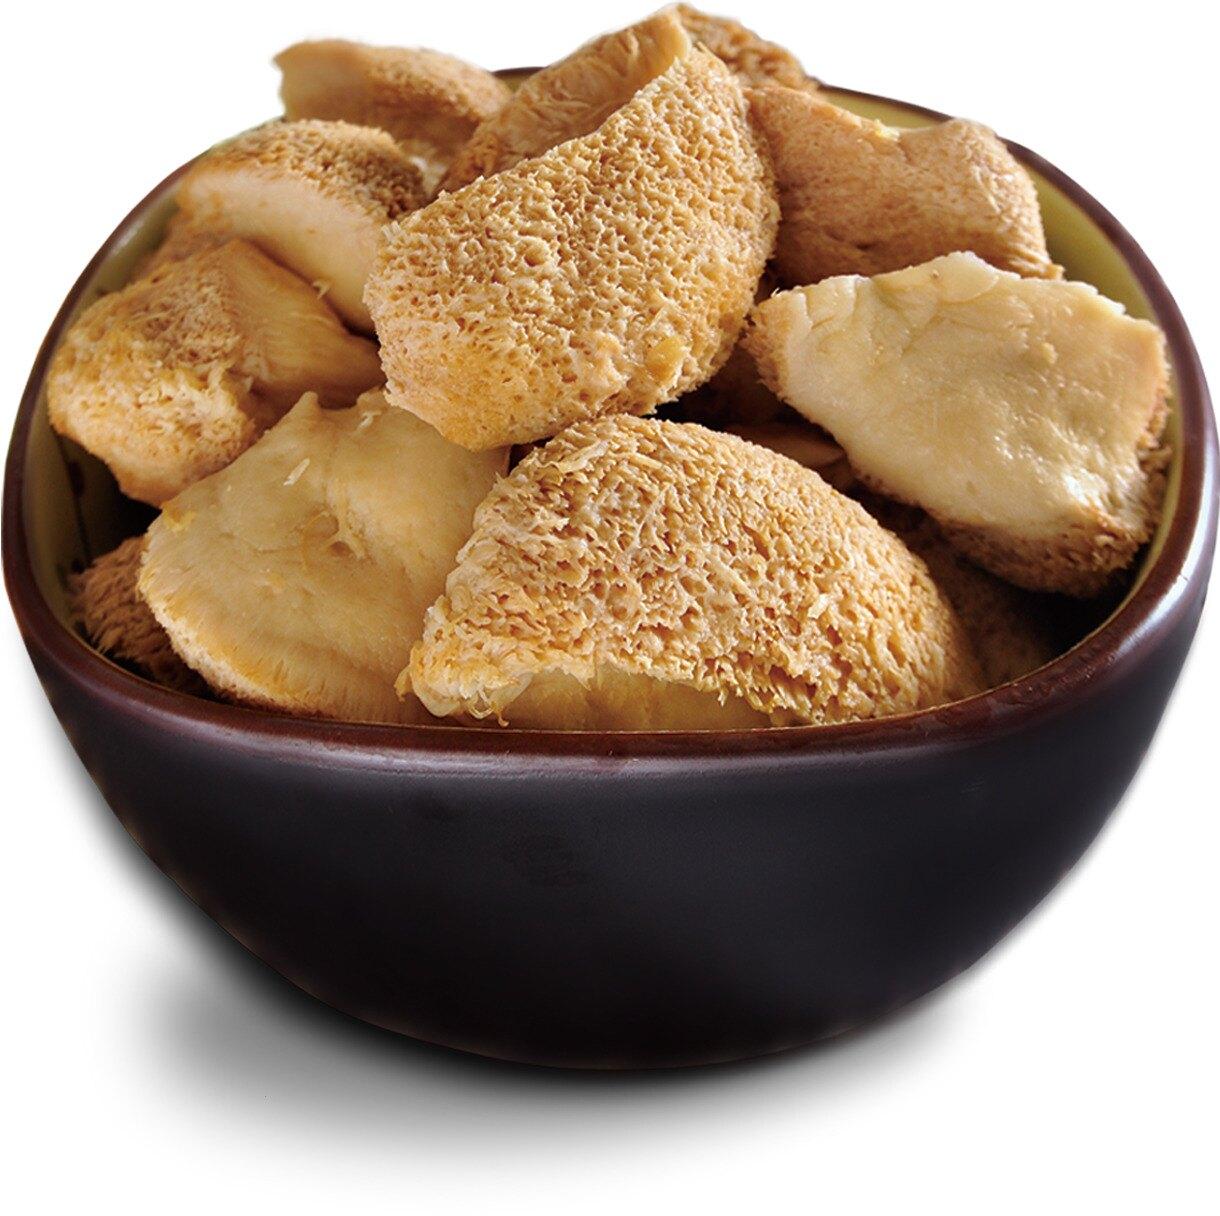 崇華素料-極品猴頭菇/素料/蛋素/火鍋料/猴頭菇/ 崇華齋/崇華齊/家常菜/傳統美食/冷凍素食料理/素食冷凍食品